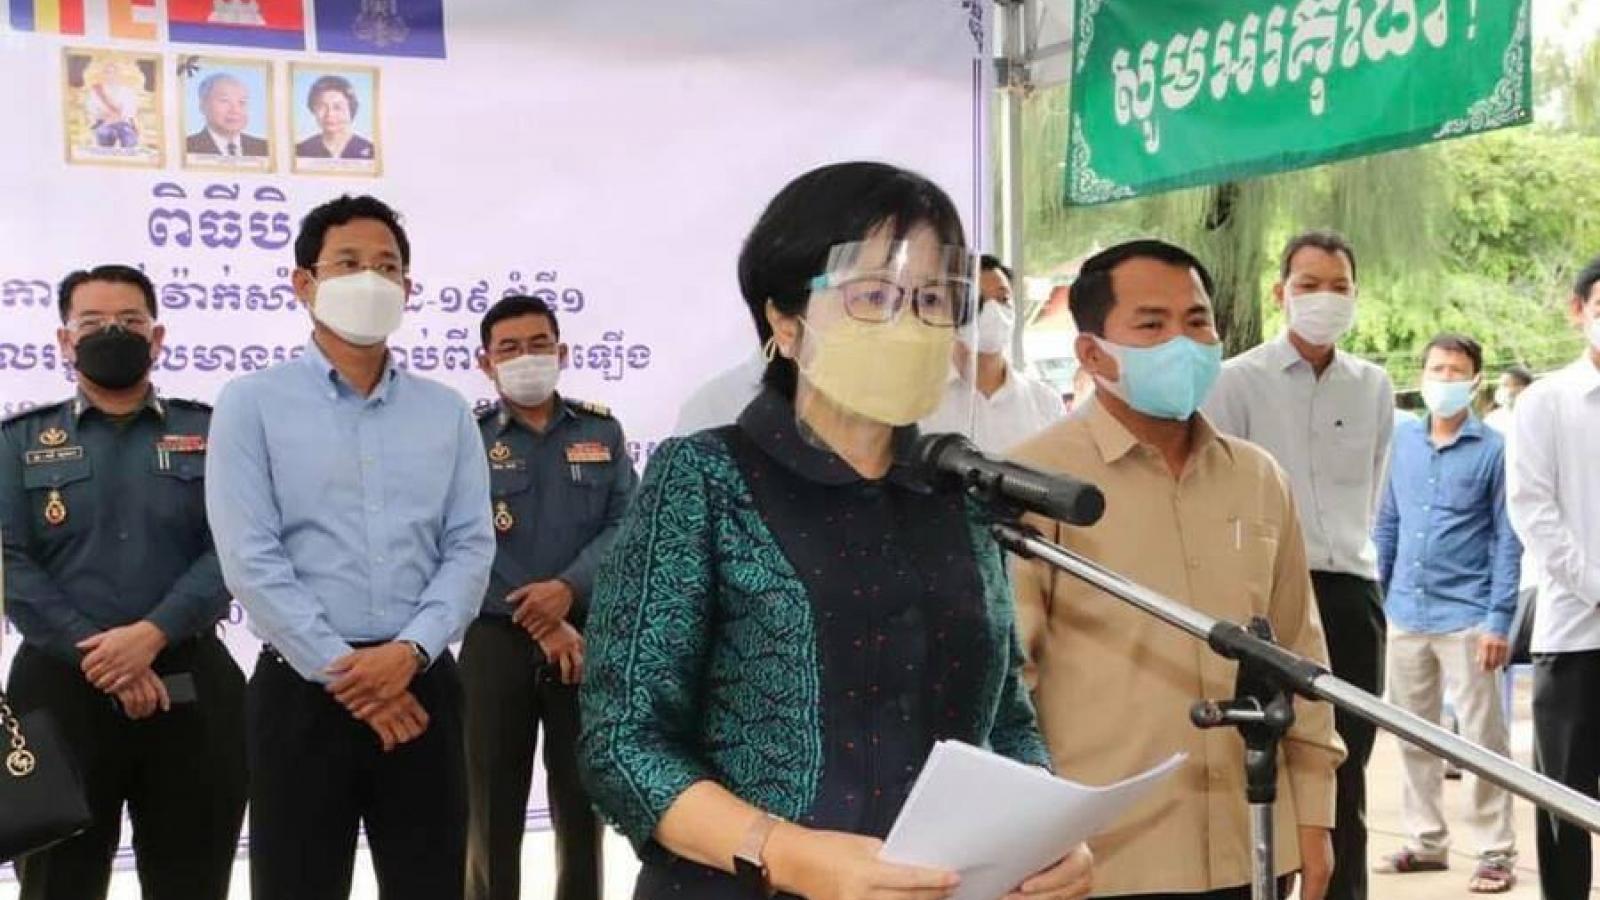 Campuchia đủ vaccine ngừa Covid-19 để tiêm mũi thứ 3cho người dân